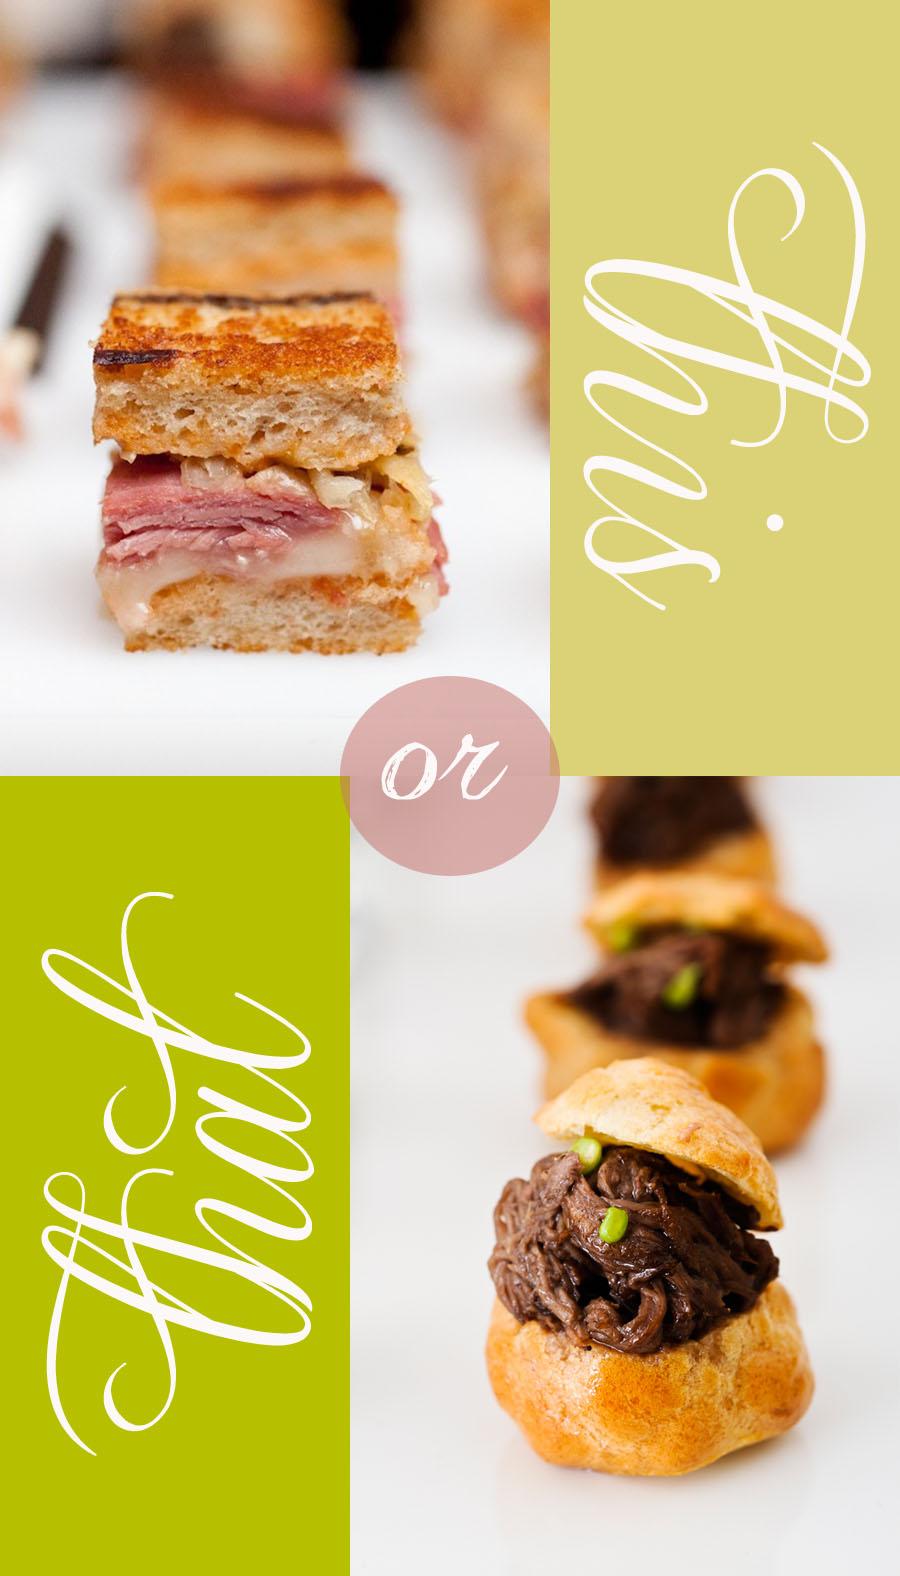 reuben vs shep pie